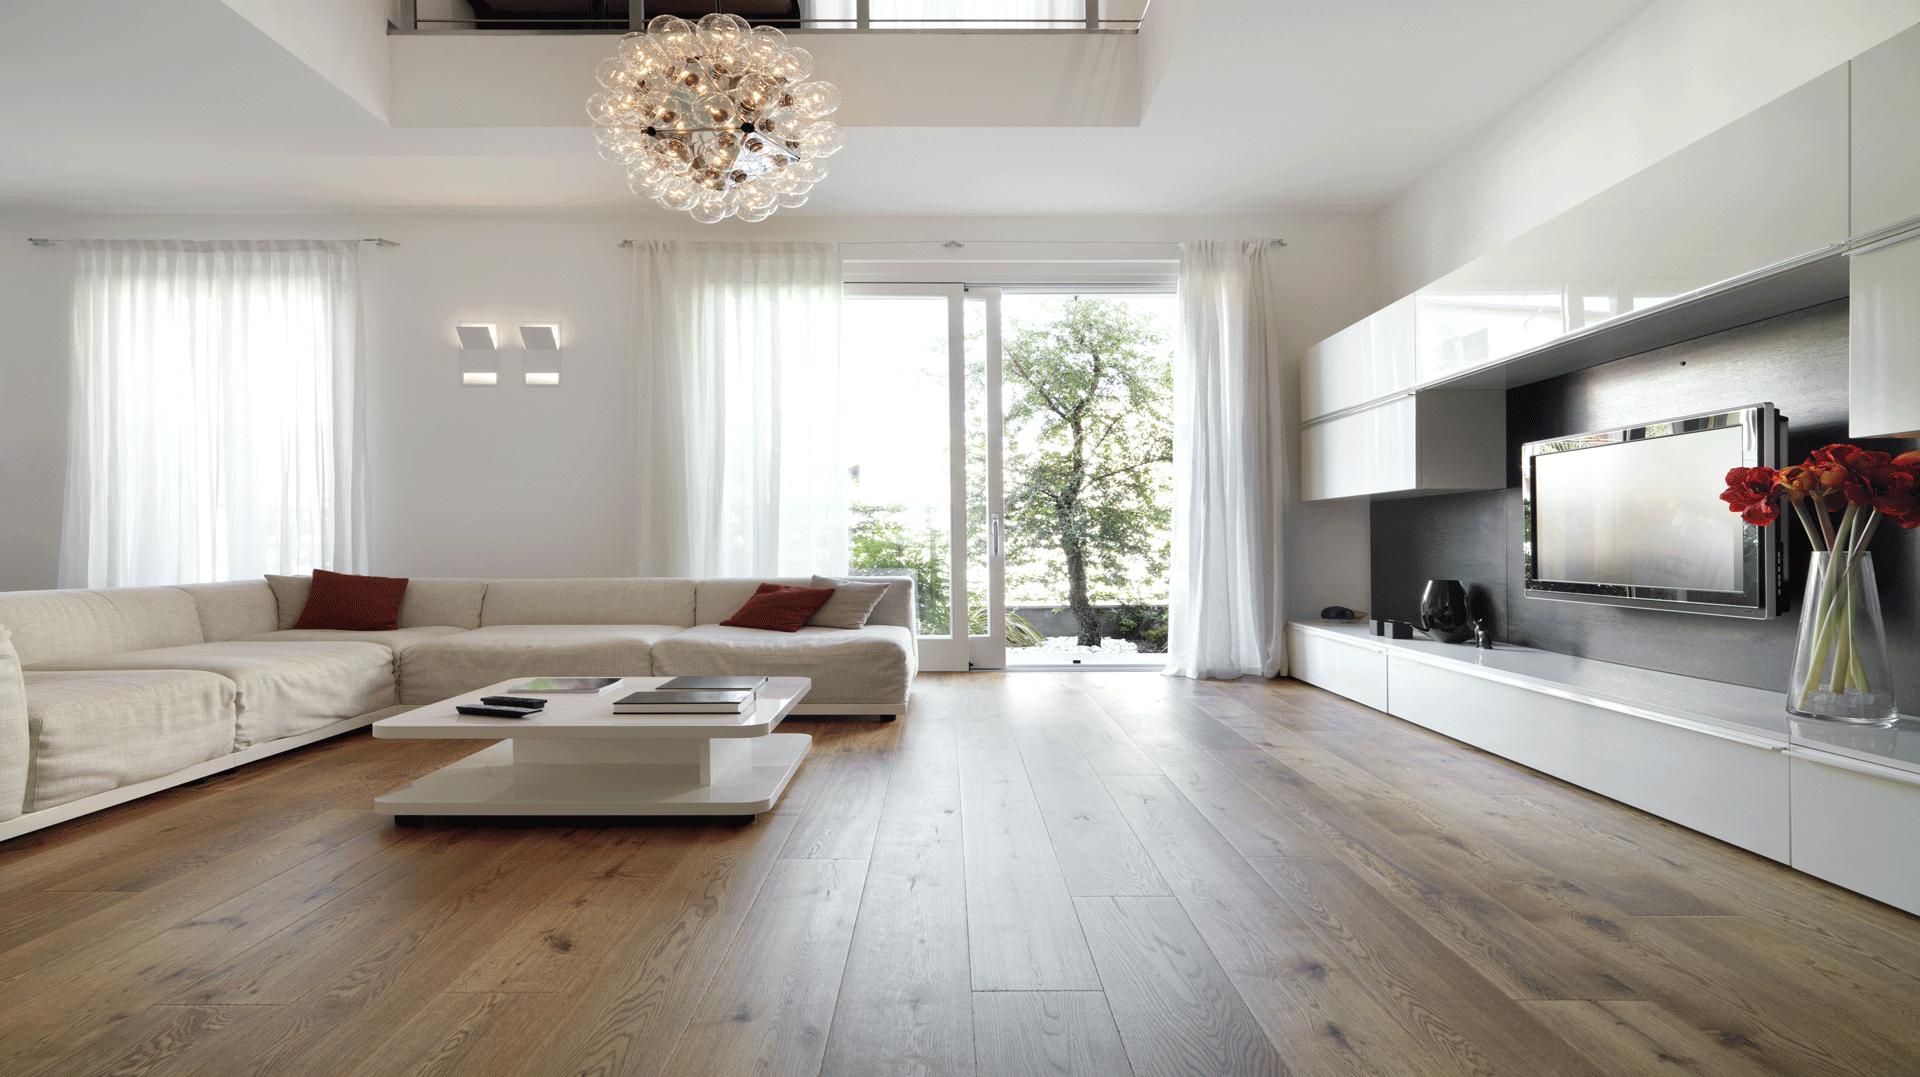 Attestato prestazione energetica domus firenze - Immobili categoria a1 ...